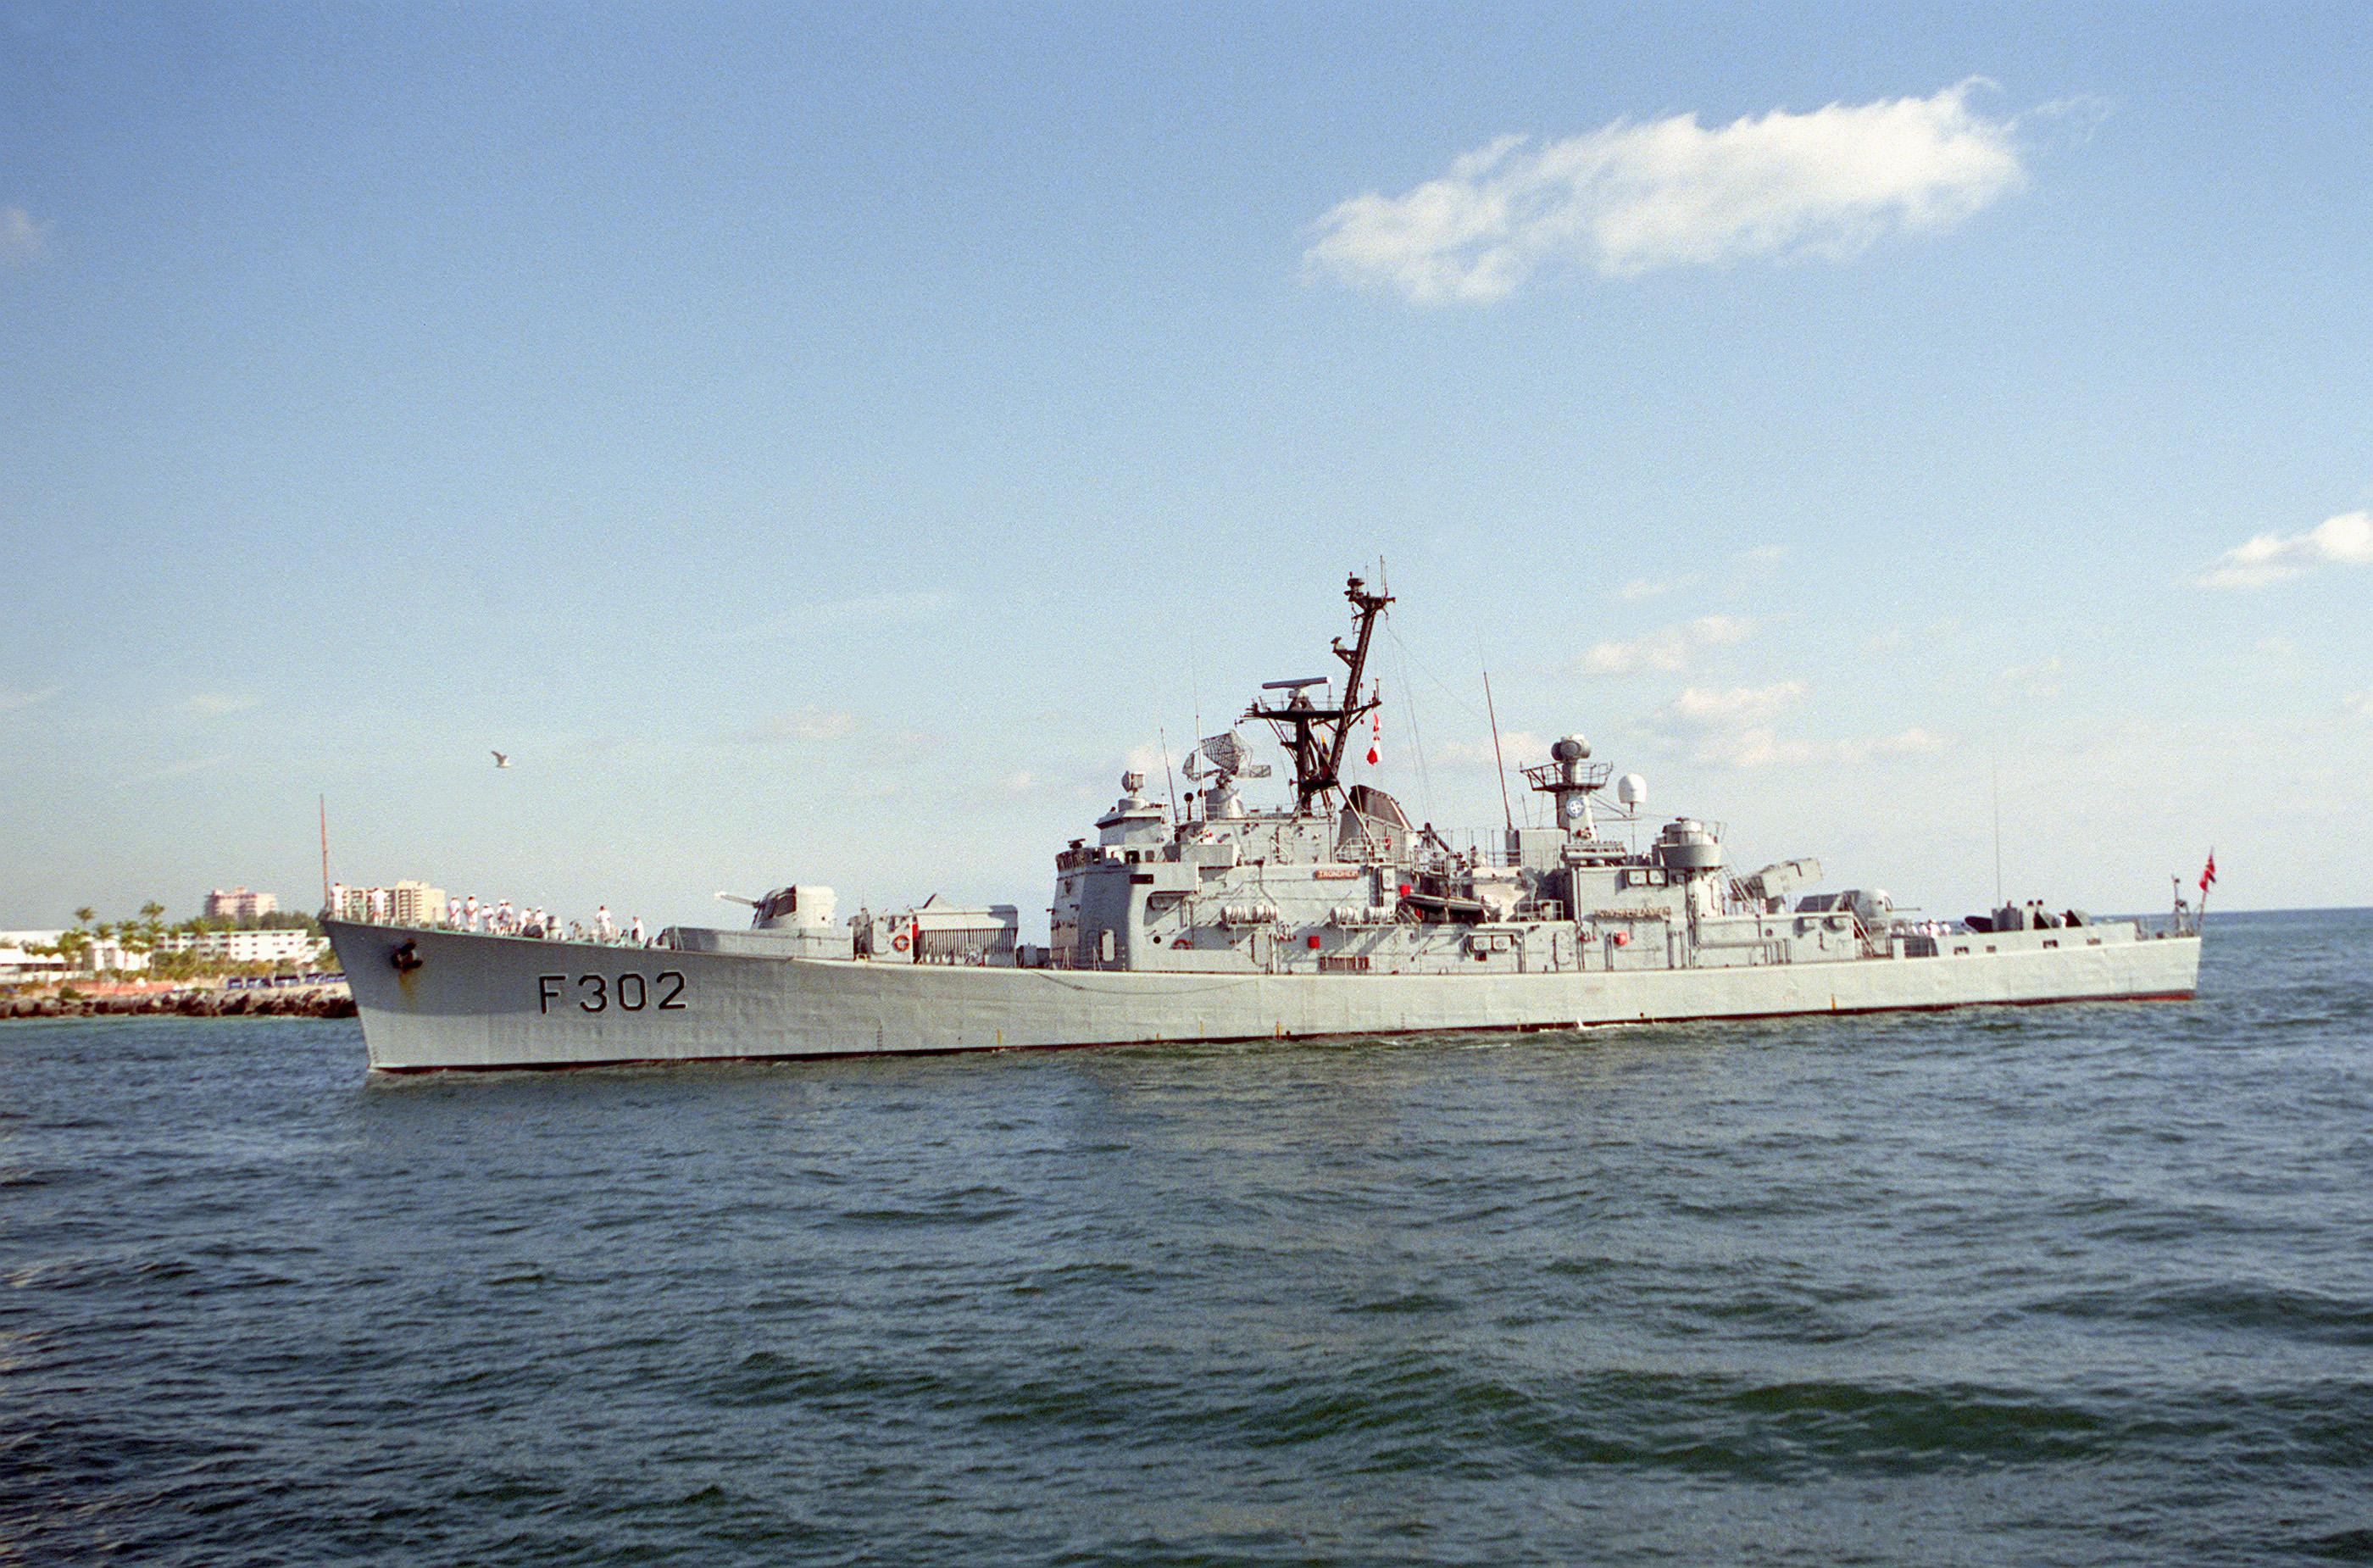 Disparo de Misil por parte de la Armada Real de Noruega Frigate_knm_trondheim